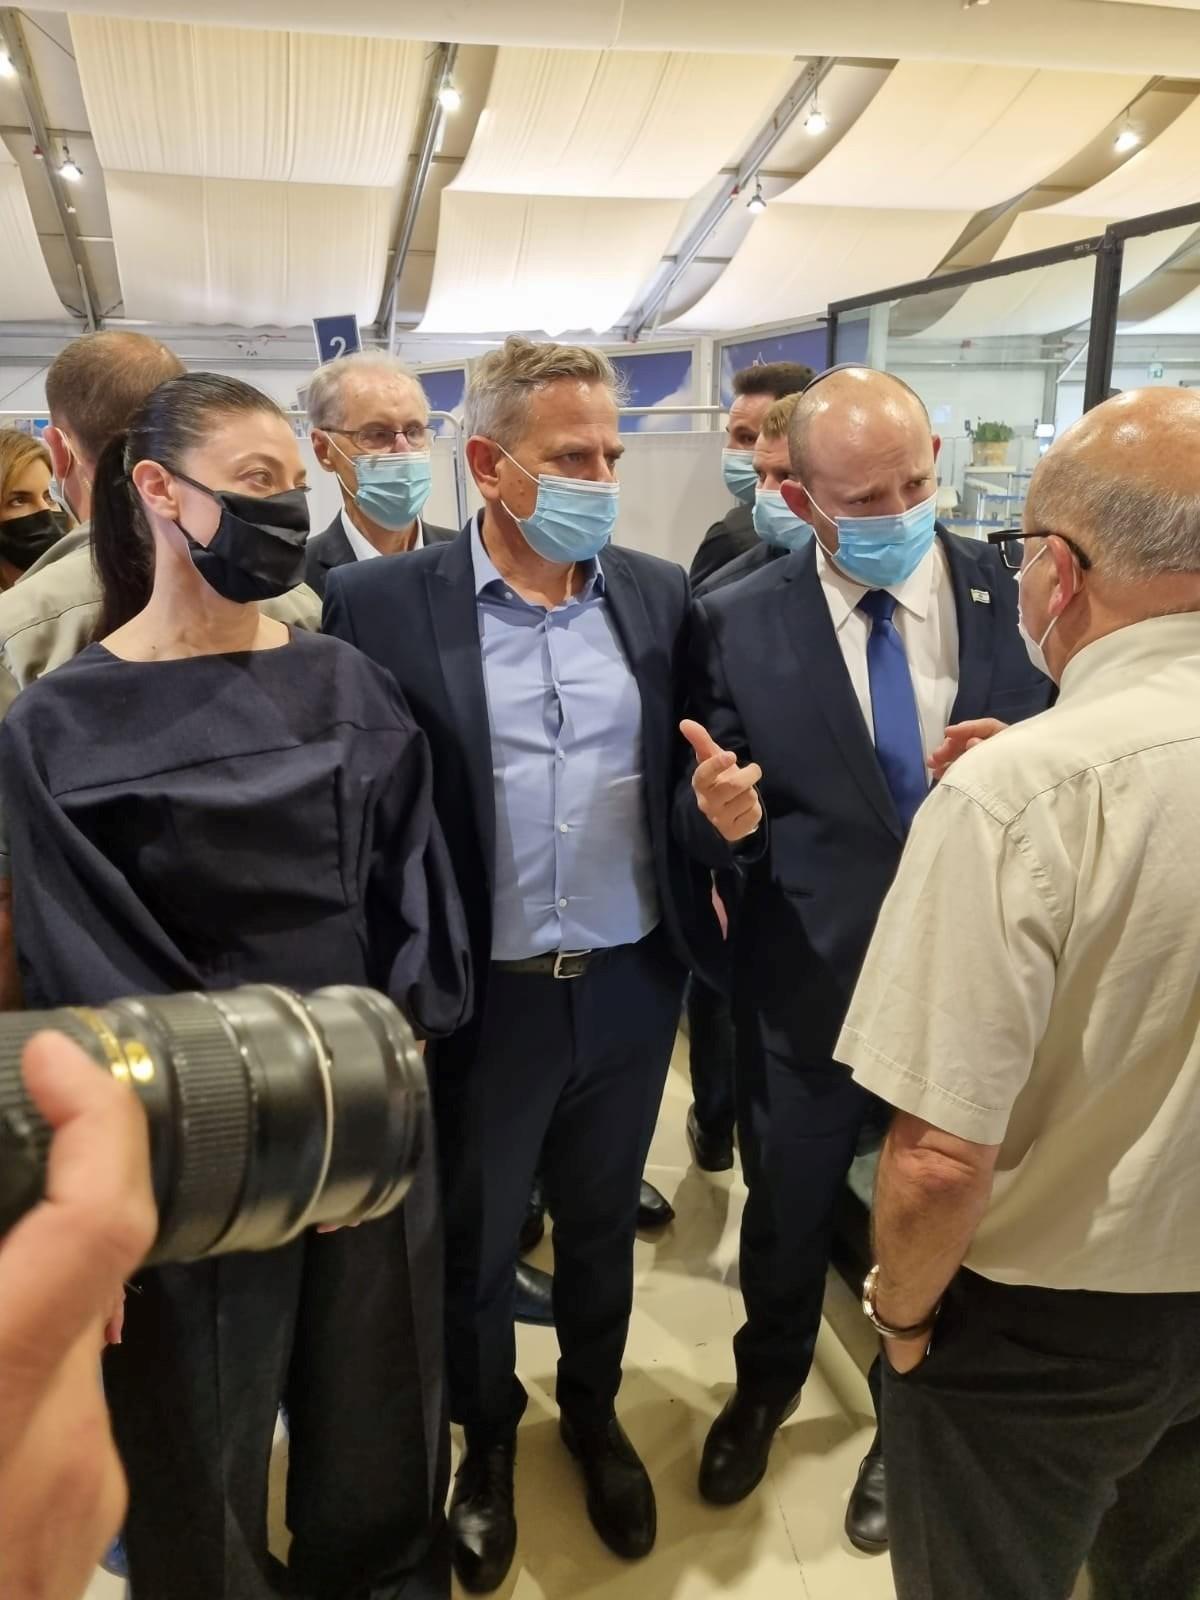 """יו""""ר הסתדרות עובדי המעבדות תוקפת את הממשלה: ההפרטה אחראית למחדל הקורונה בנתב""""ג"""